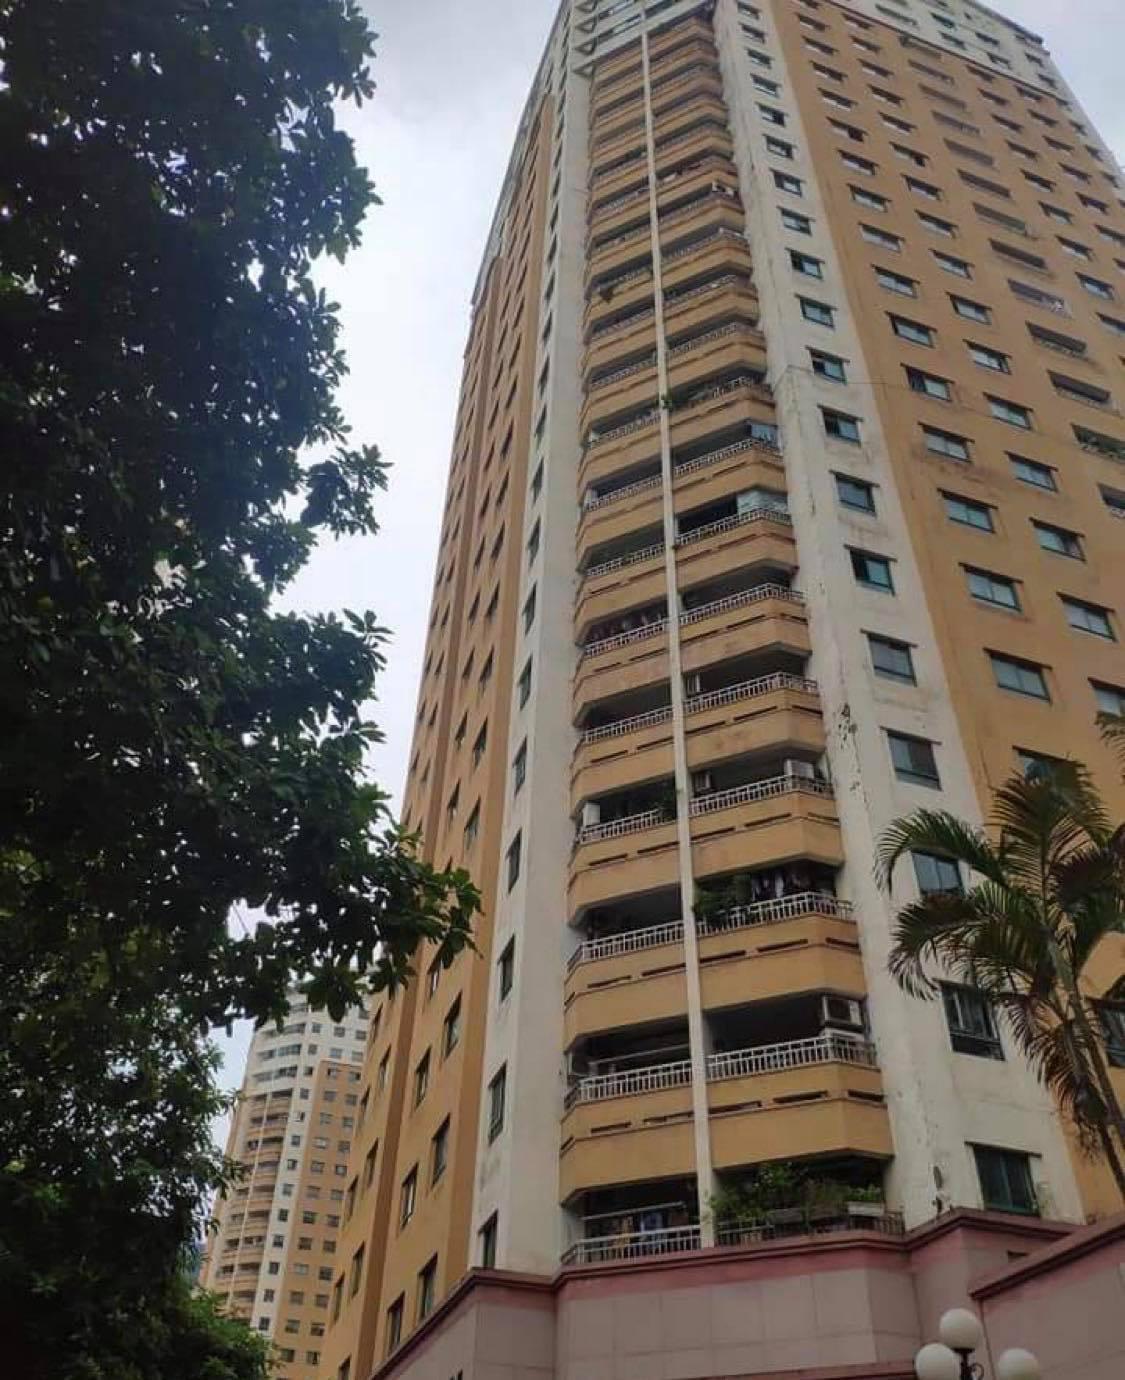 Hà Nội: Bố mẹ đi vắng, bé gái 6 tuổi rơi từ tầng 12 chung cư xuống đất tử vong - Ảnh 1.